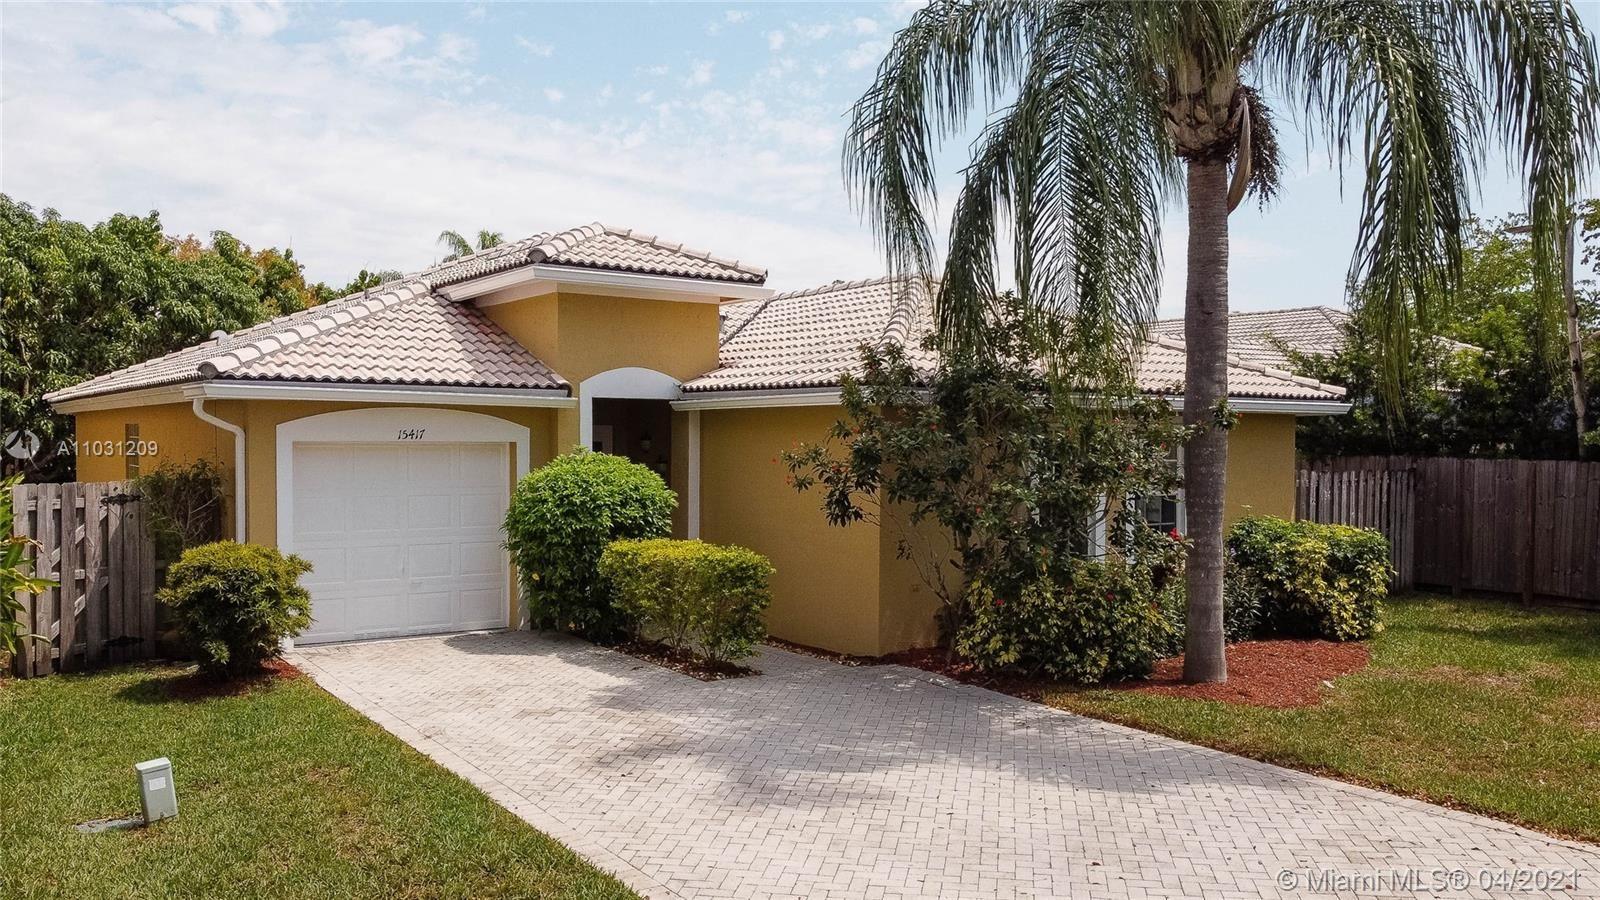 15417 SW 141st Ter, Miami, FL 33196 - #: A11031209